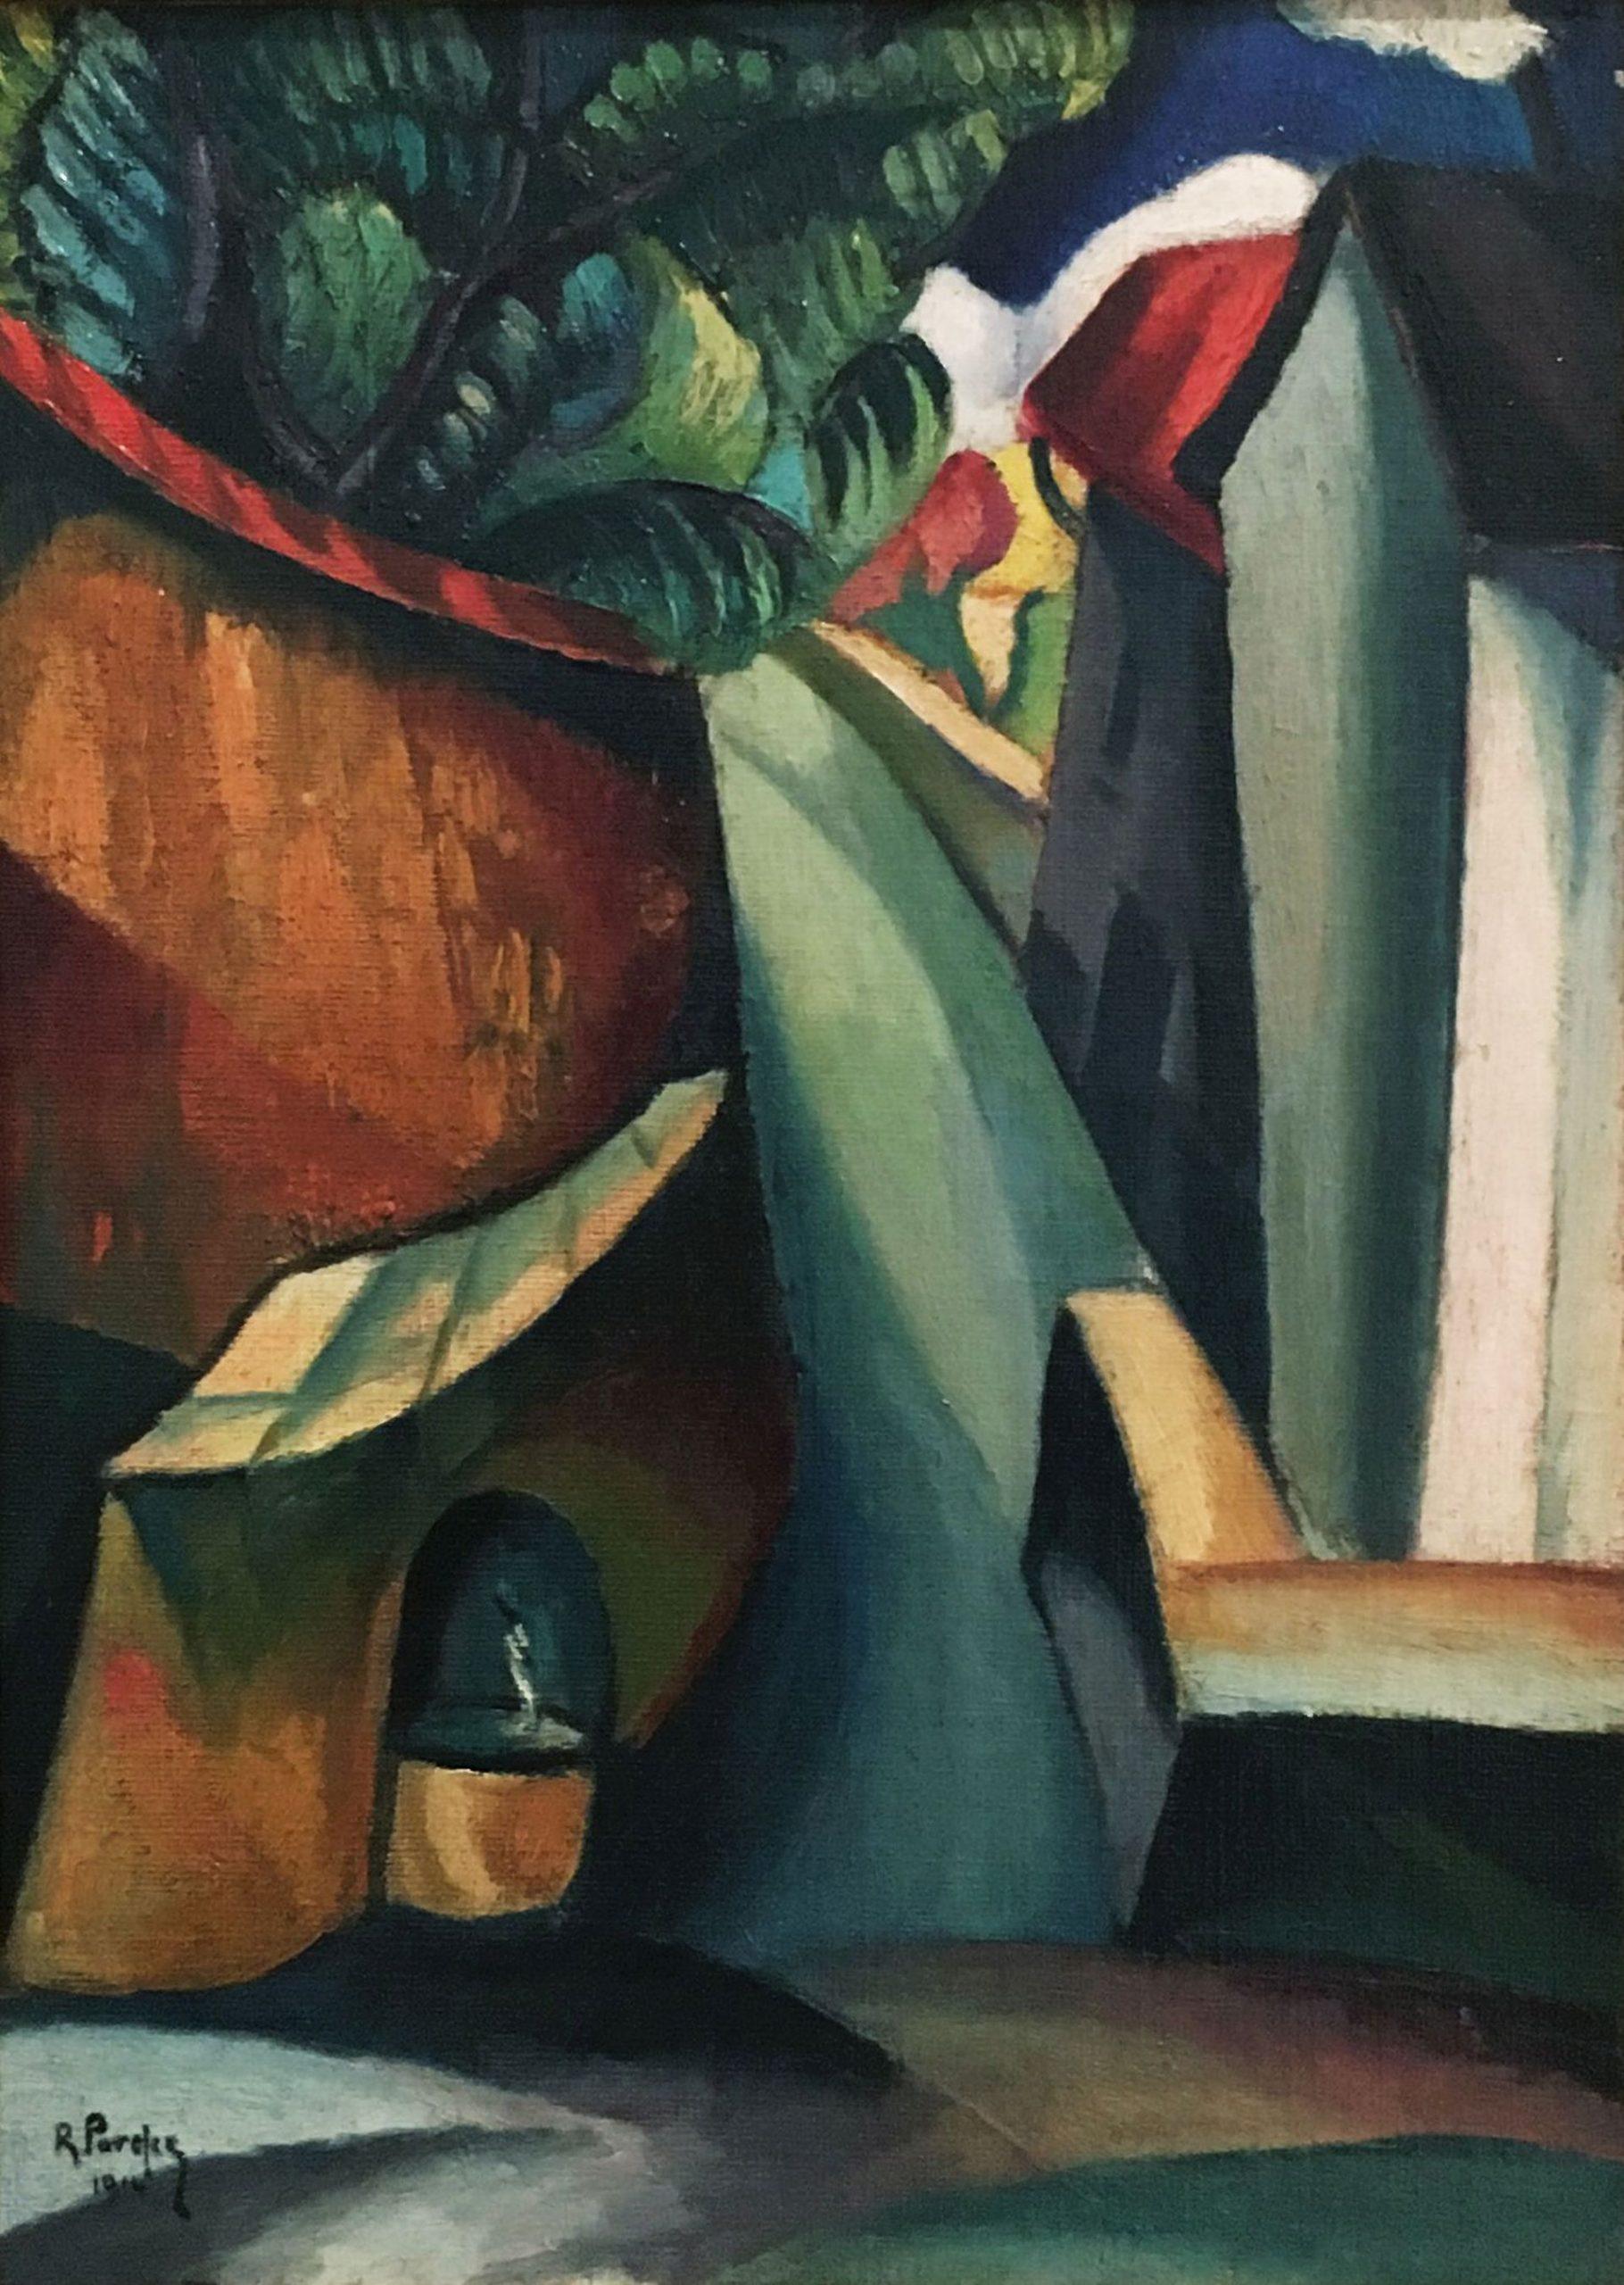 Renato Paresce-Cubist village